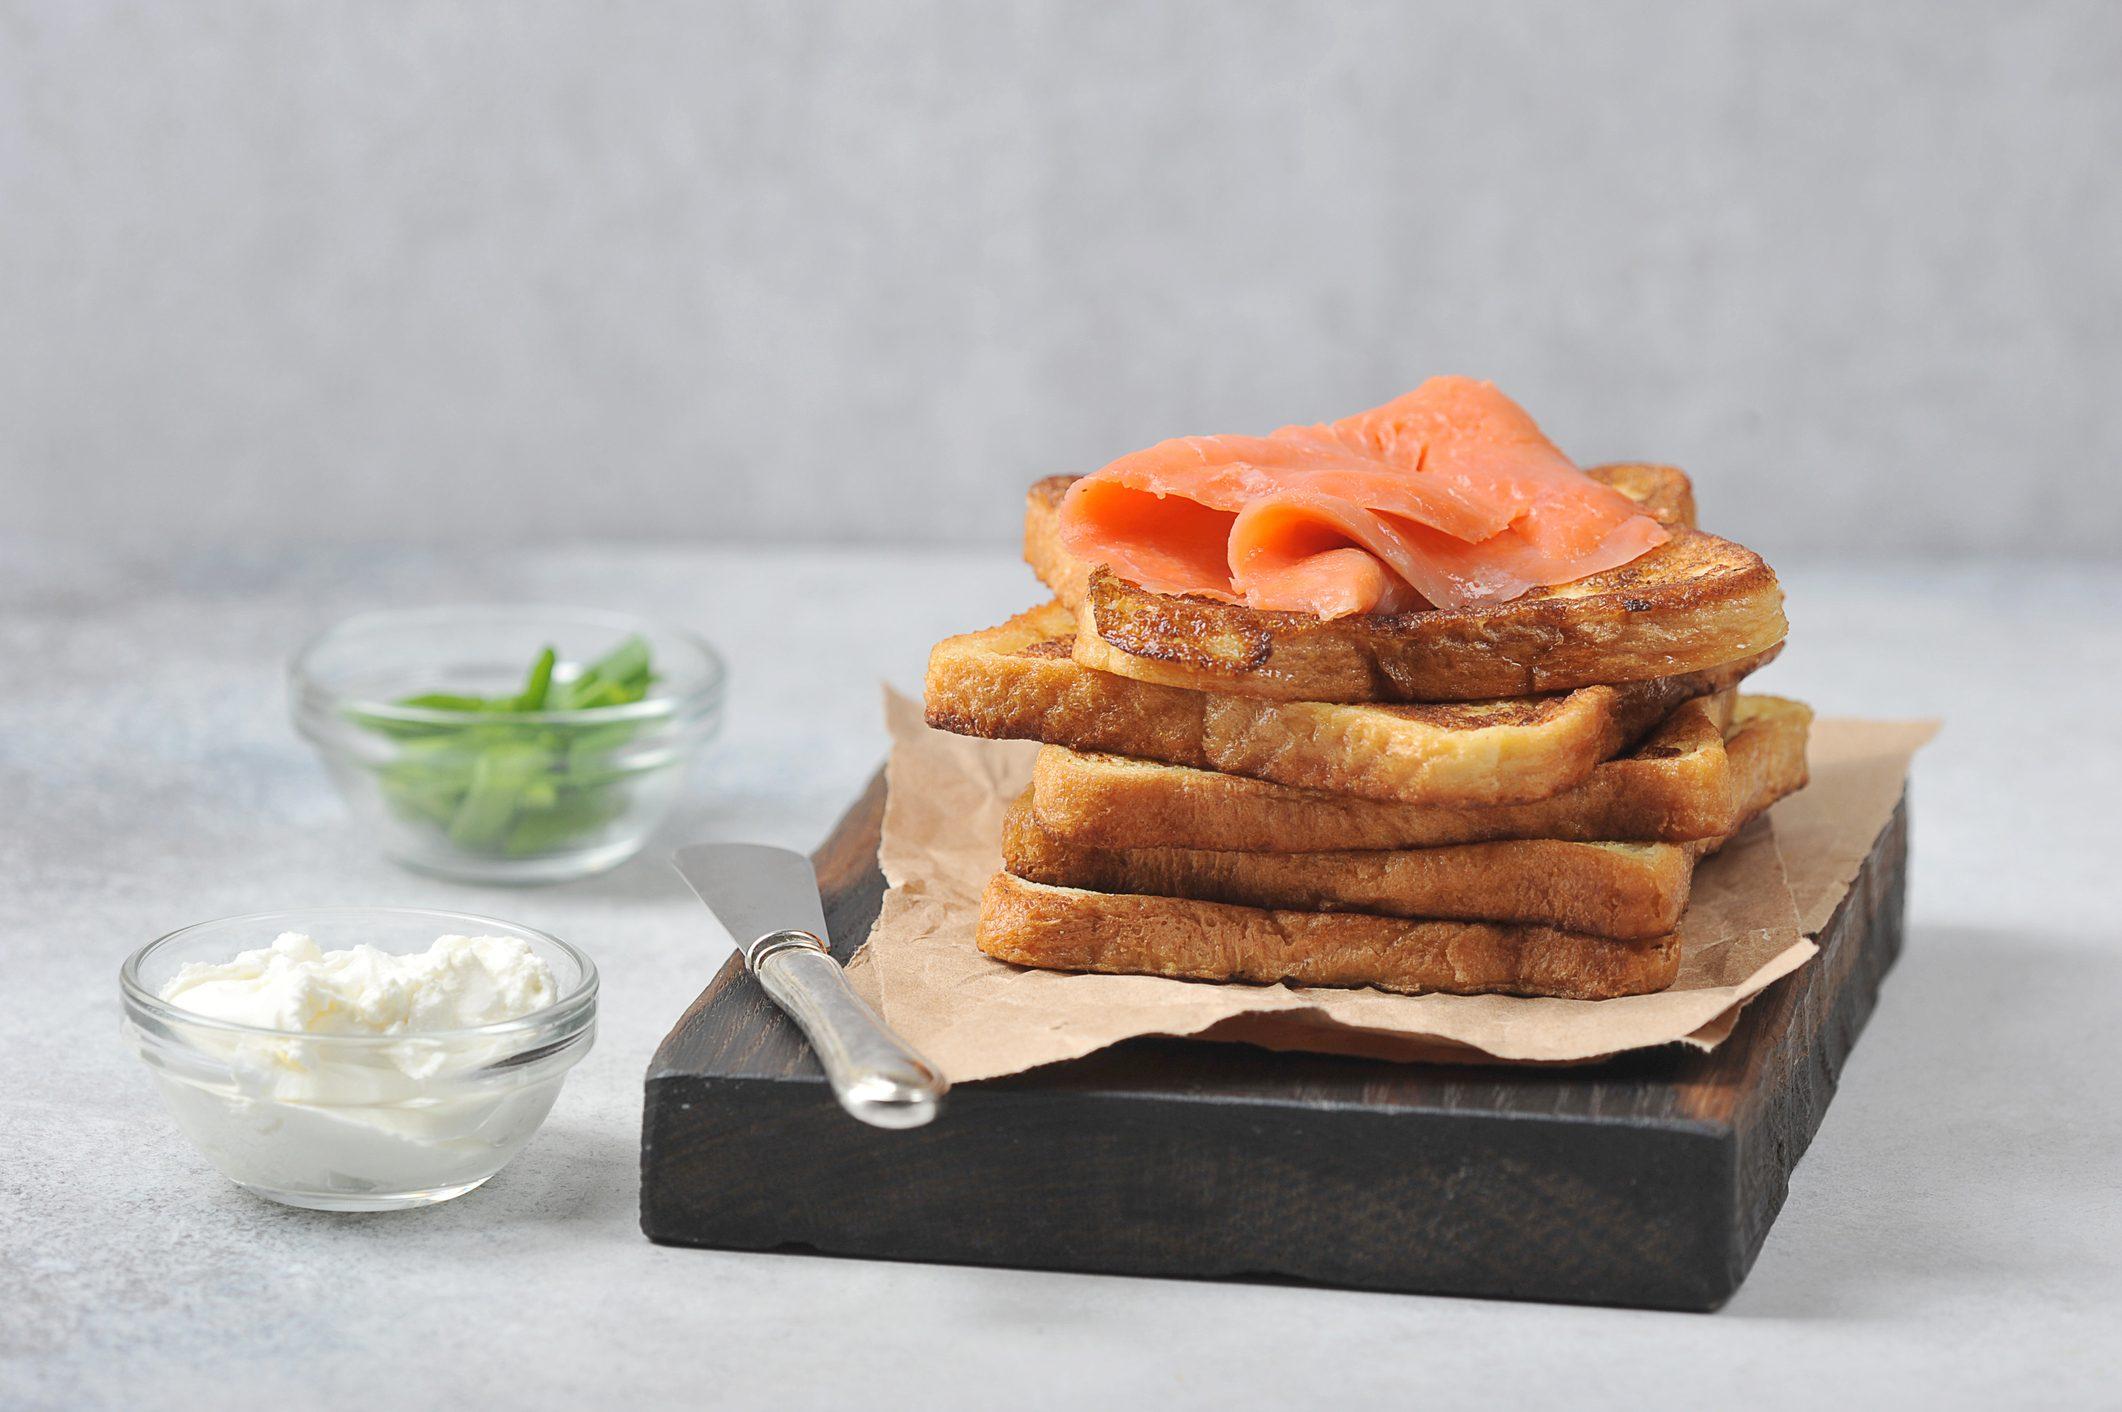 salmone-mangiare-glasgow